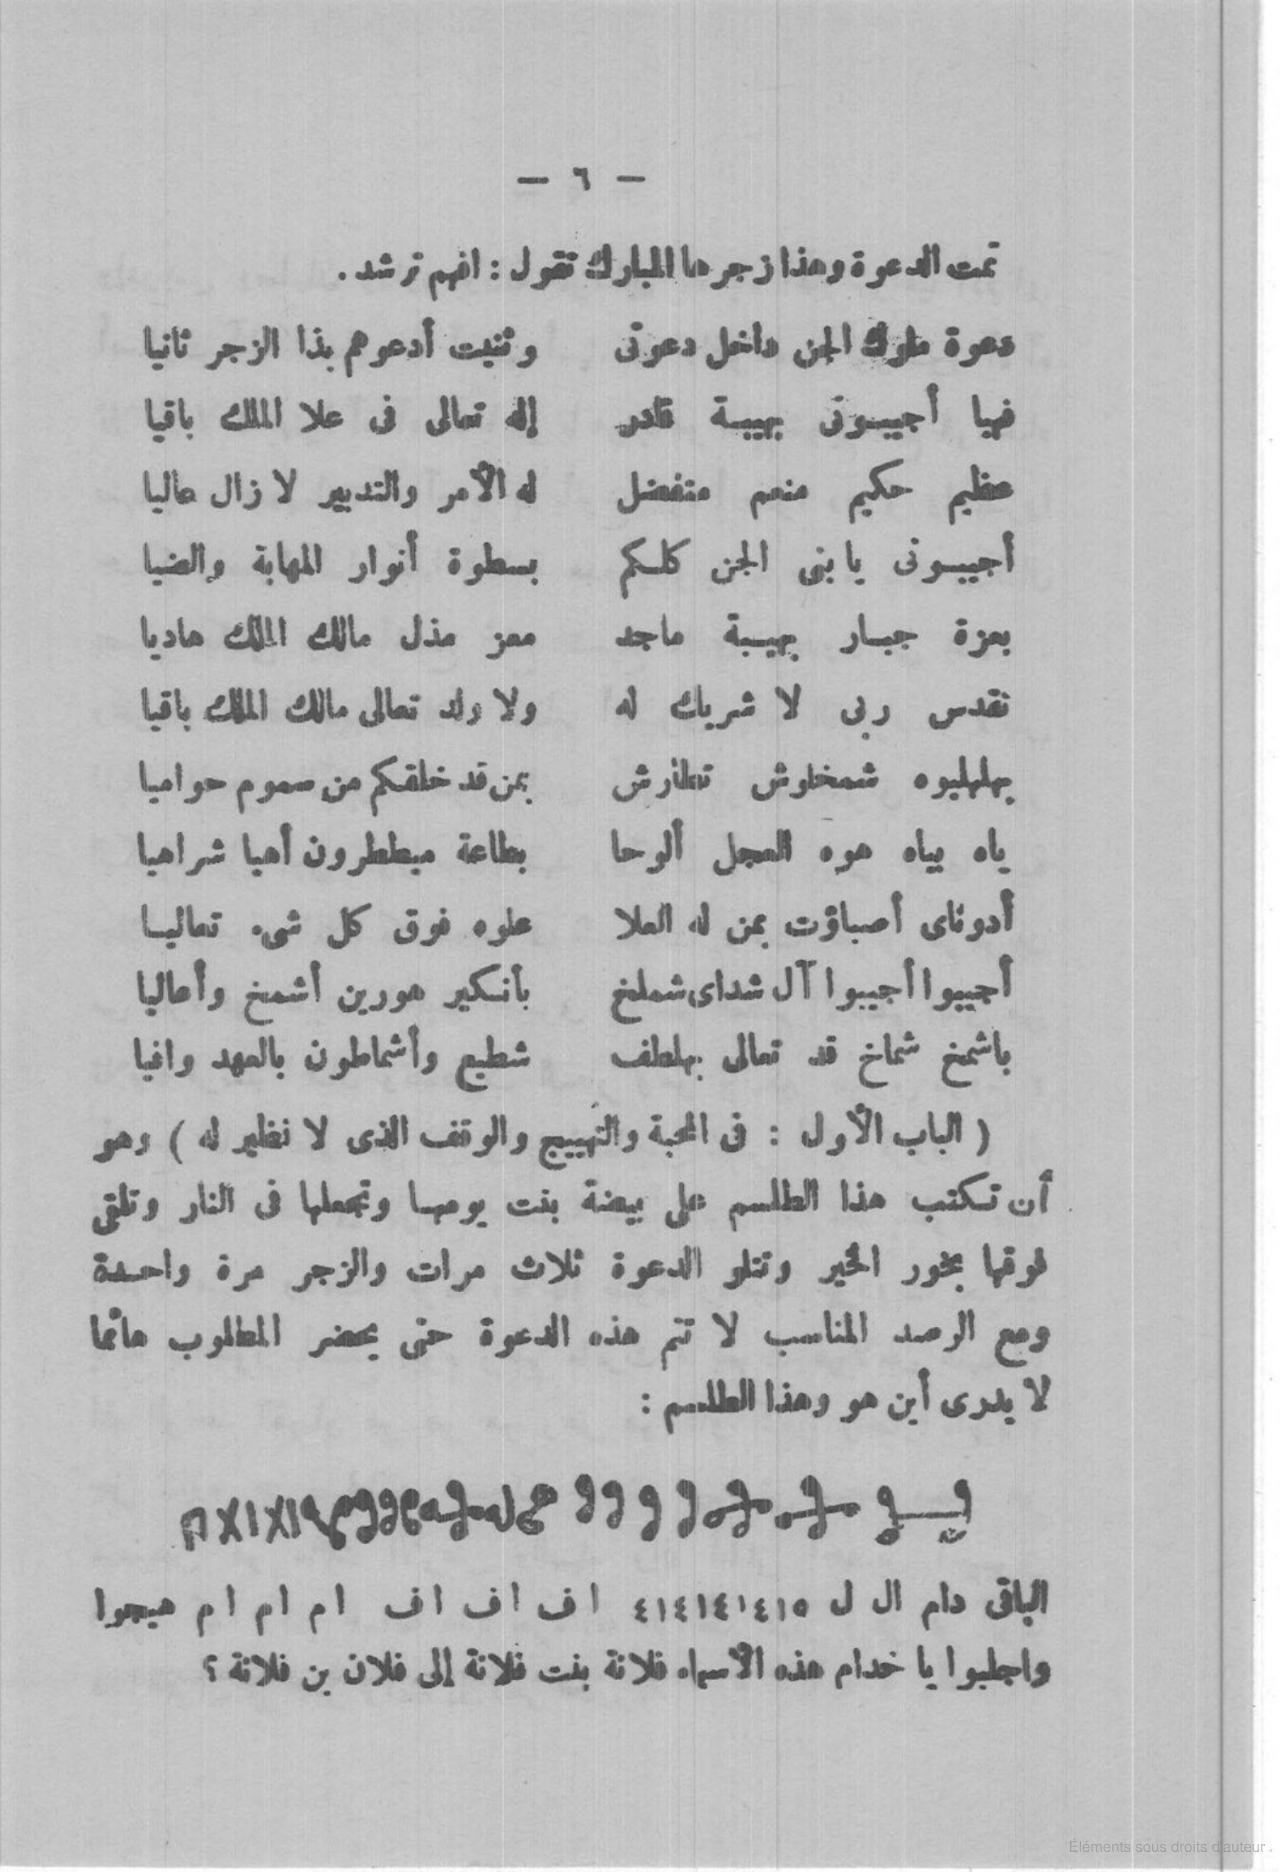 السحر الاحمر كتاب اثري قديم عبد الفتاح السيد الطوخي Google Livres Math Math Equations